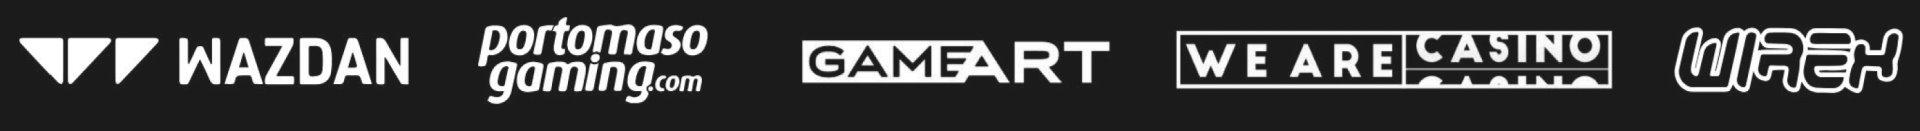 [ANN] [IEO] MoonRock - Inicie su propio negocio de juegos de apuestas Blockchain 29129713